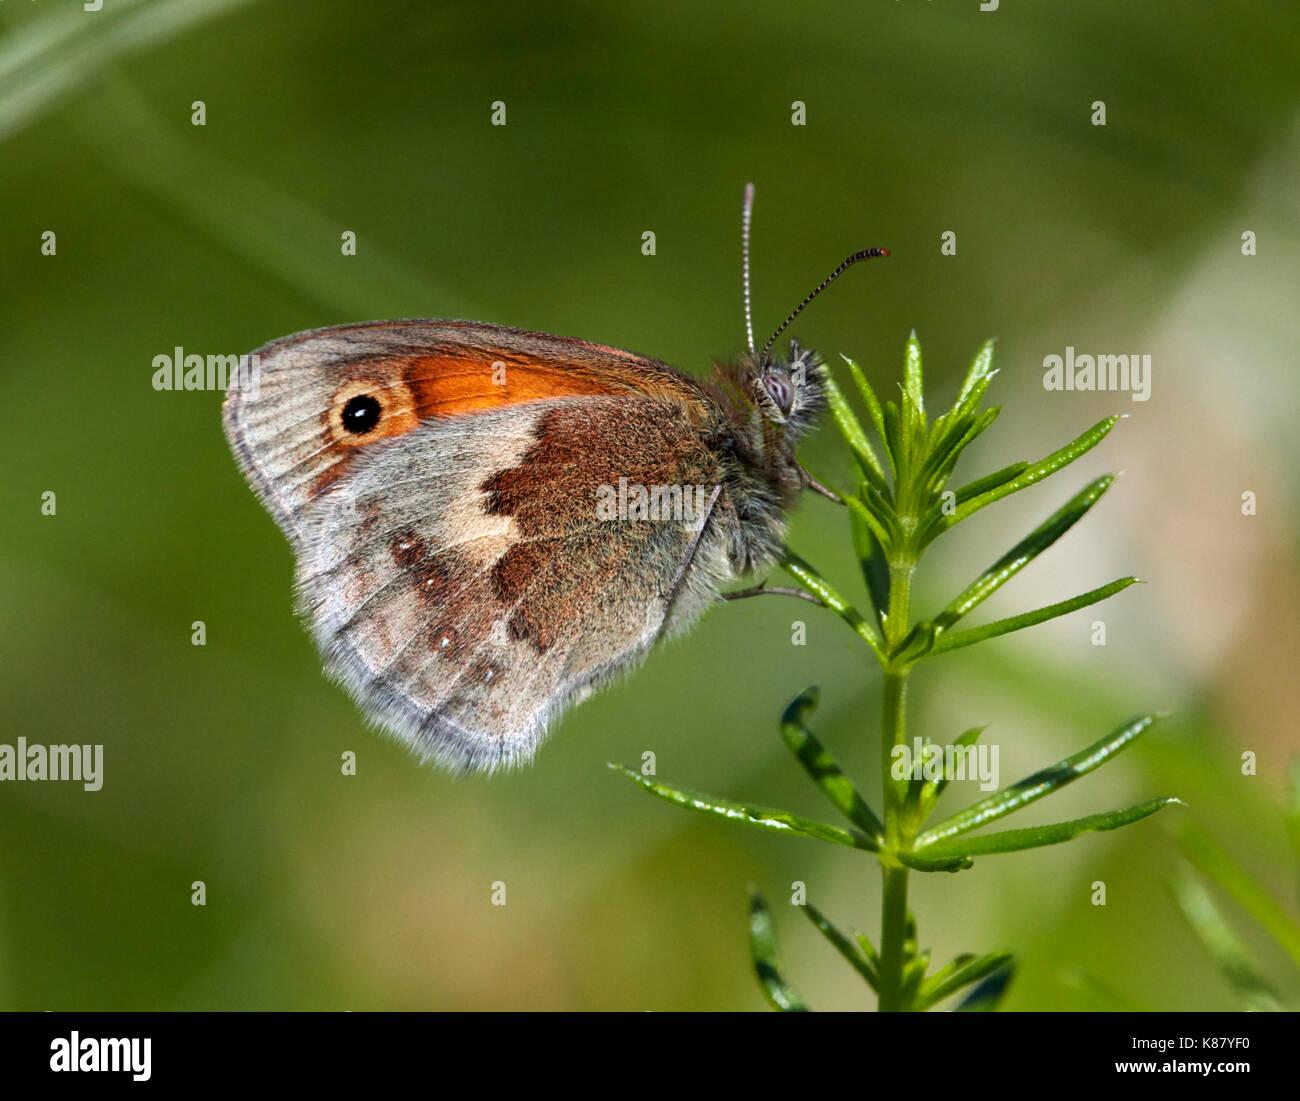 Papillon Small Heath perché sur Lady's Le gaillet. Hurst Meadows, East Molesey, Surrey, UK. Photo Stock